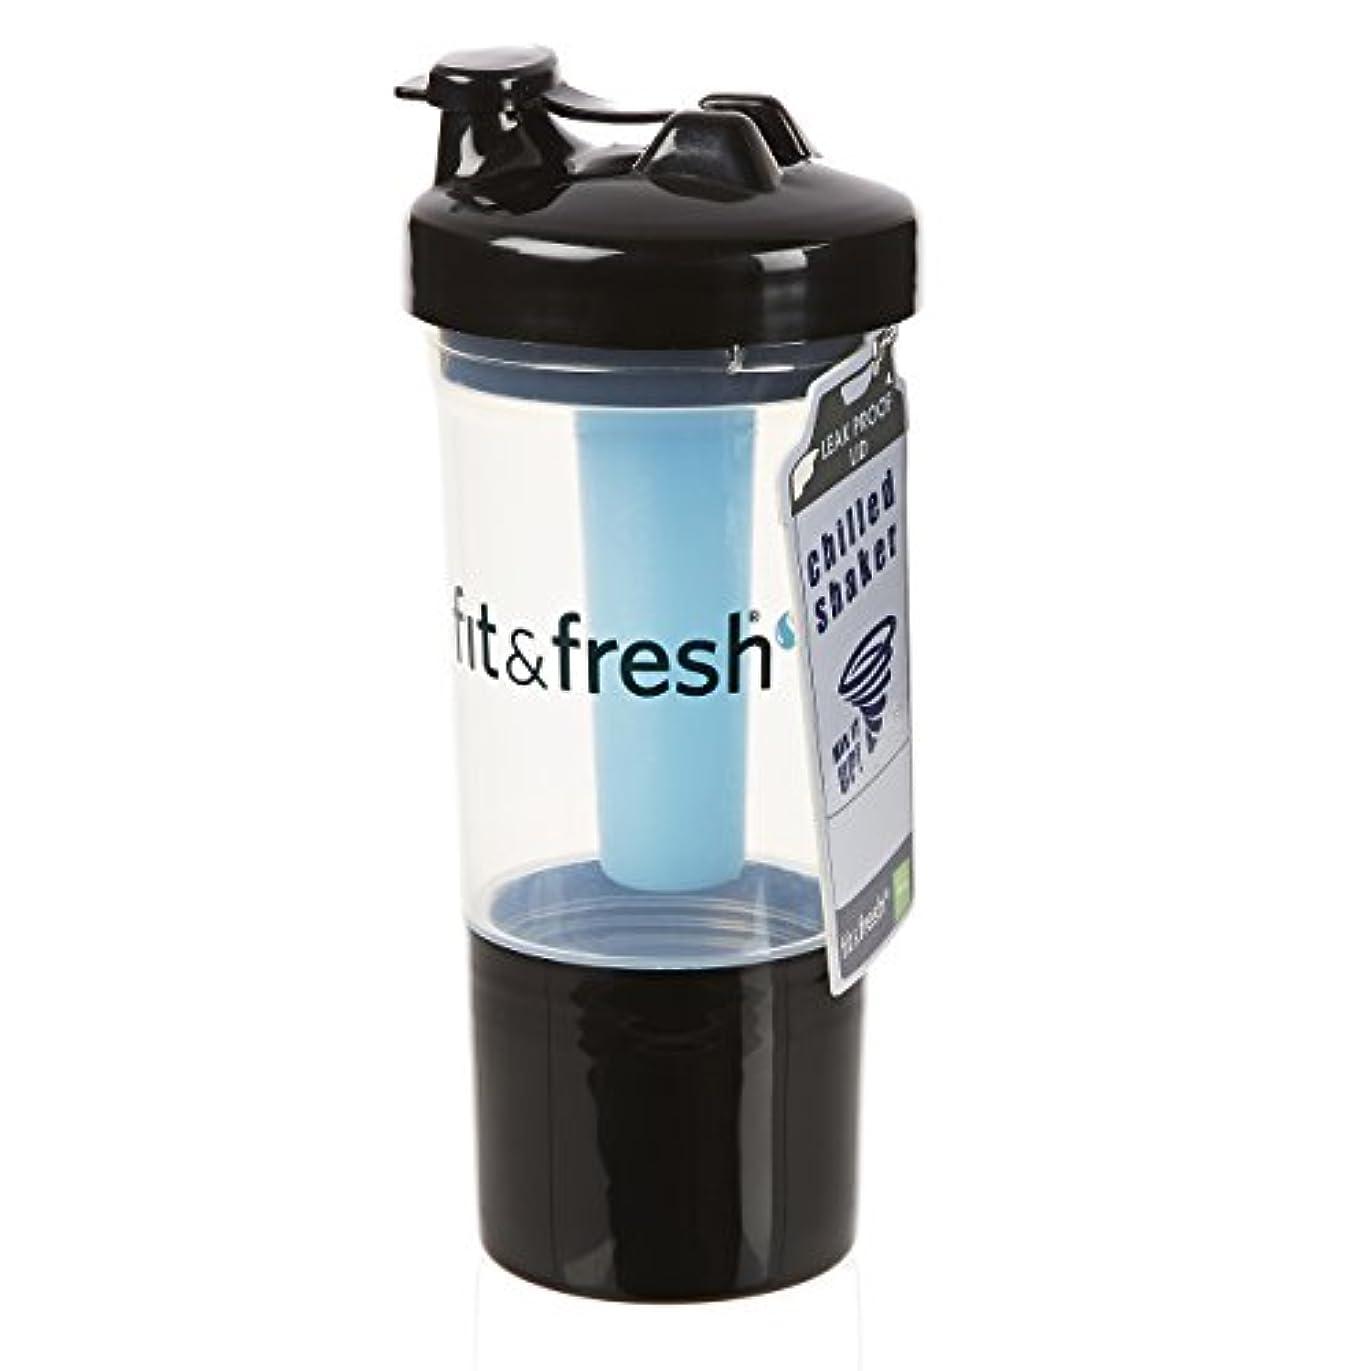 好ましい会話型話Fit & Fresh, CleanTek, Shaker Cup with Ice Wand Agitator & Storage Cup, 1 Cup